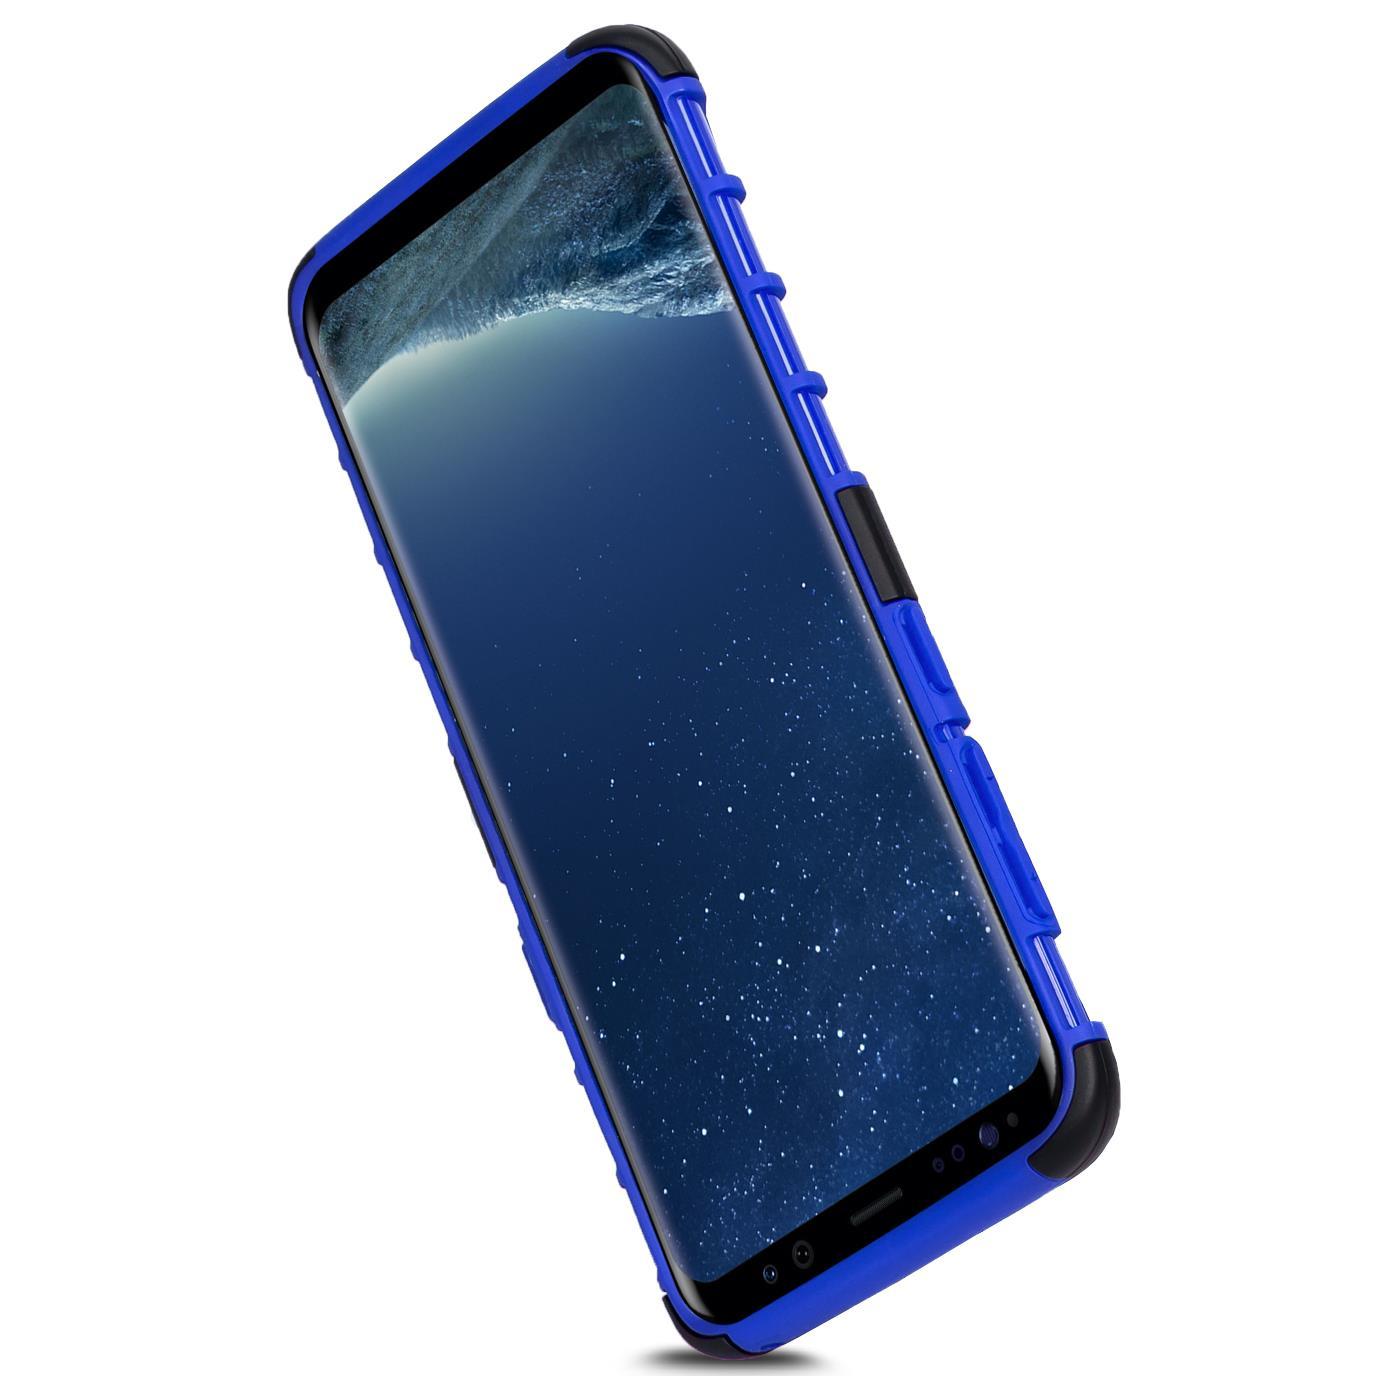 Samsung-Huelle-Hybrid-Panzer-Schutzhuelle-Handy-Schutz-Case-Ruestung-Cover-Tasche Indexbild 9